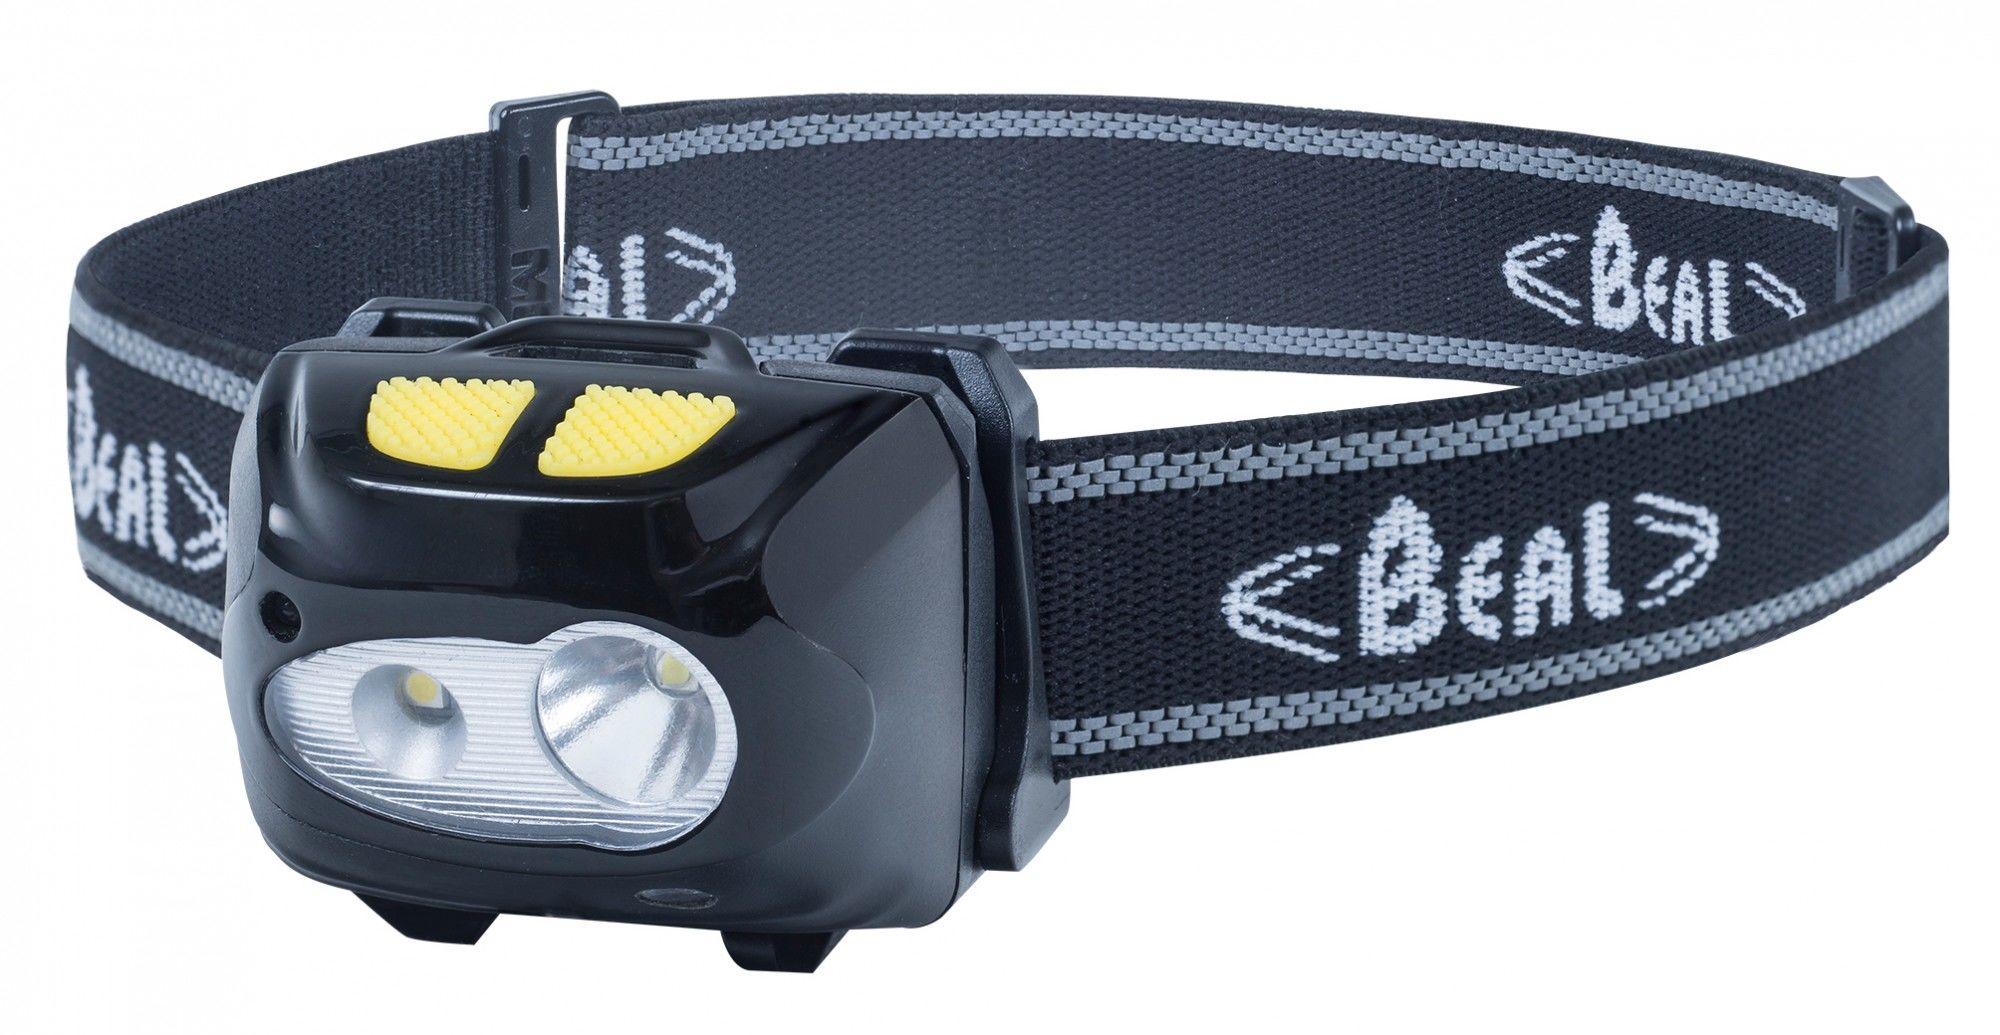 Beal Ff210 R | Größe One Size |  Stirnlampe